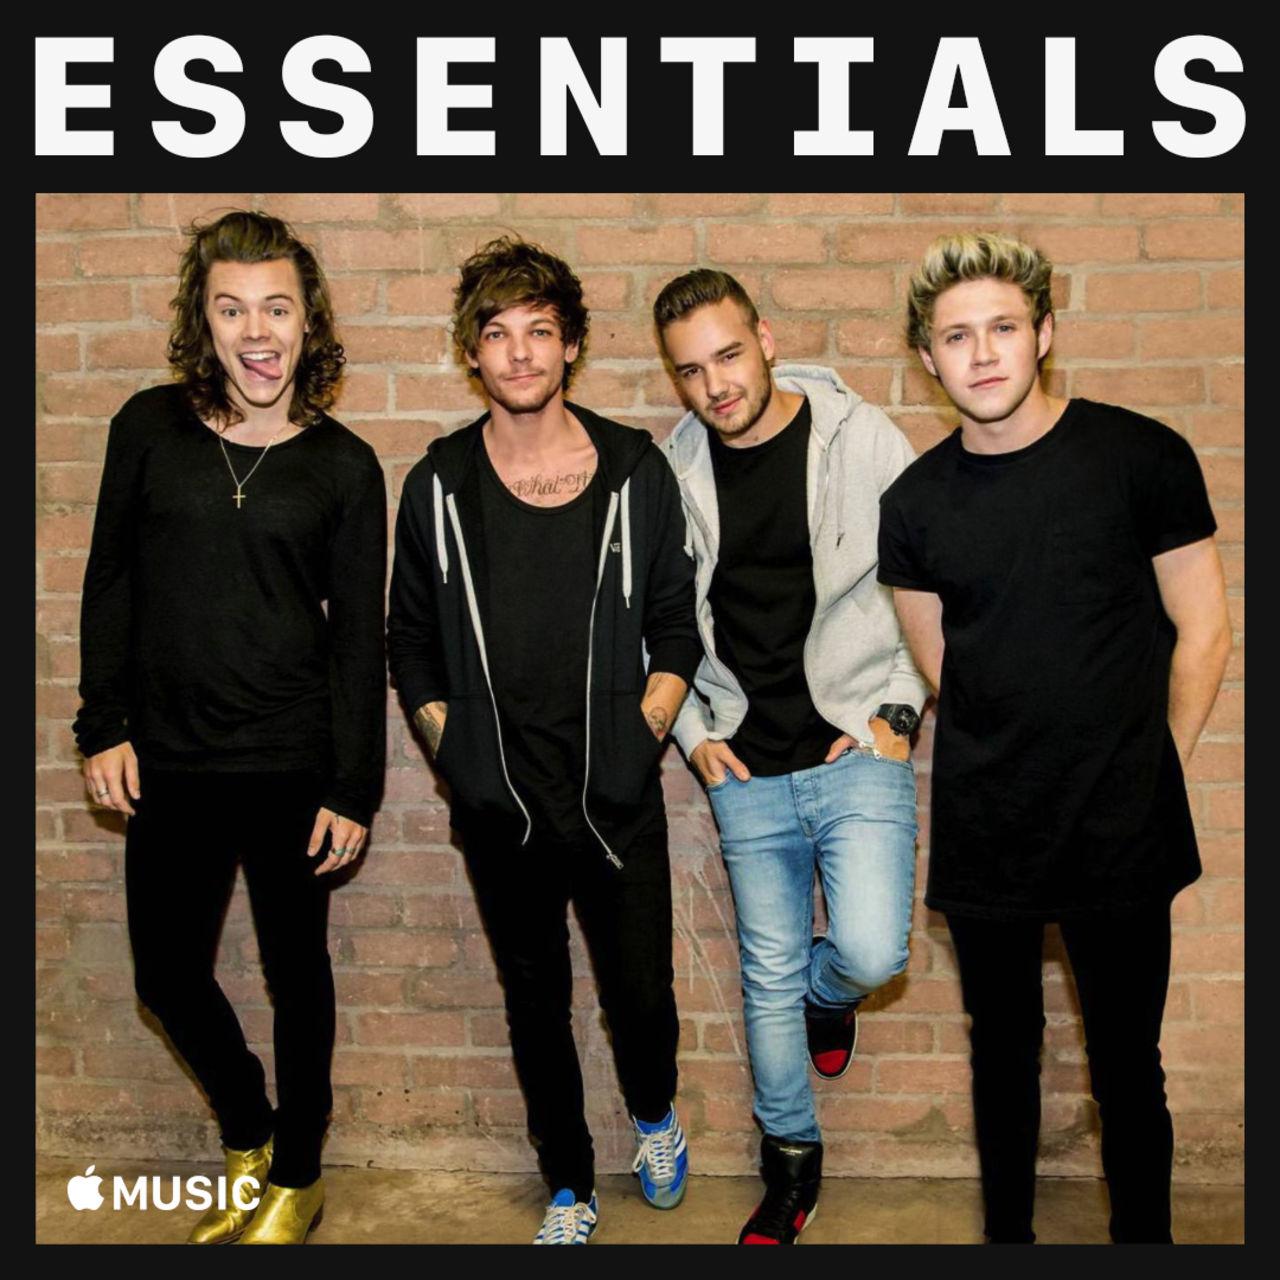 دانلود آلبوم Essentials از One Direction | با کیفیت عالی